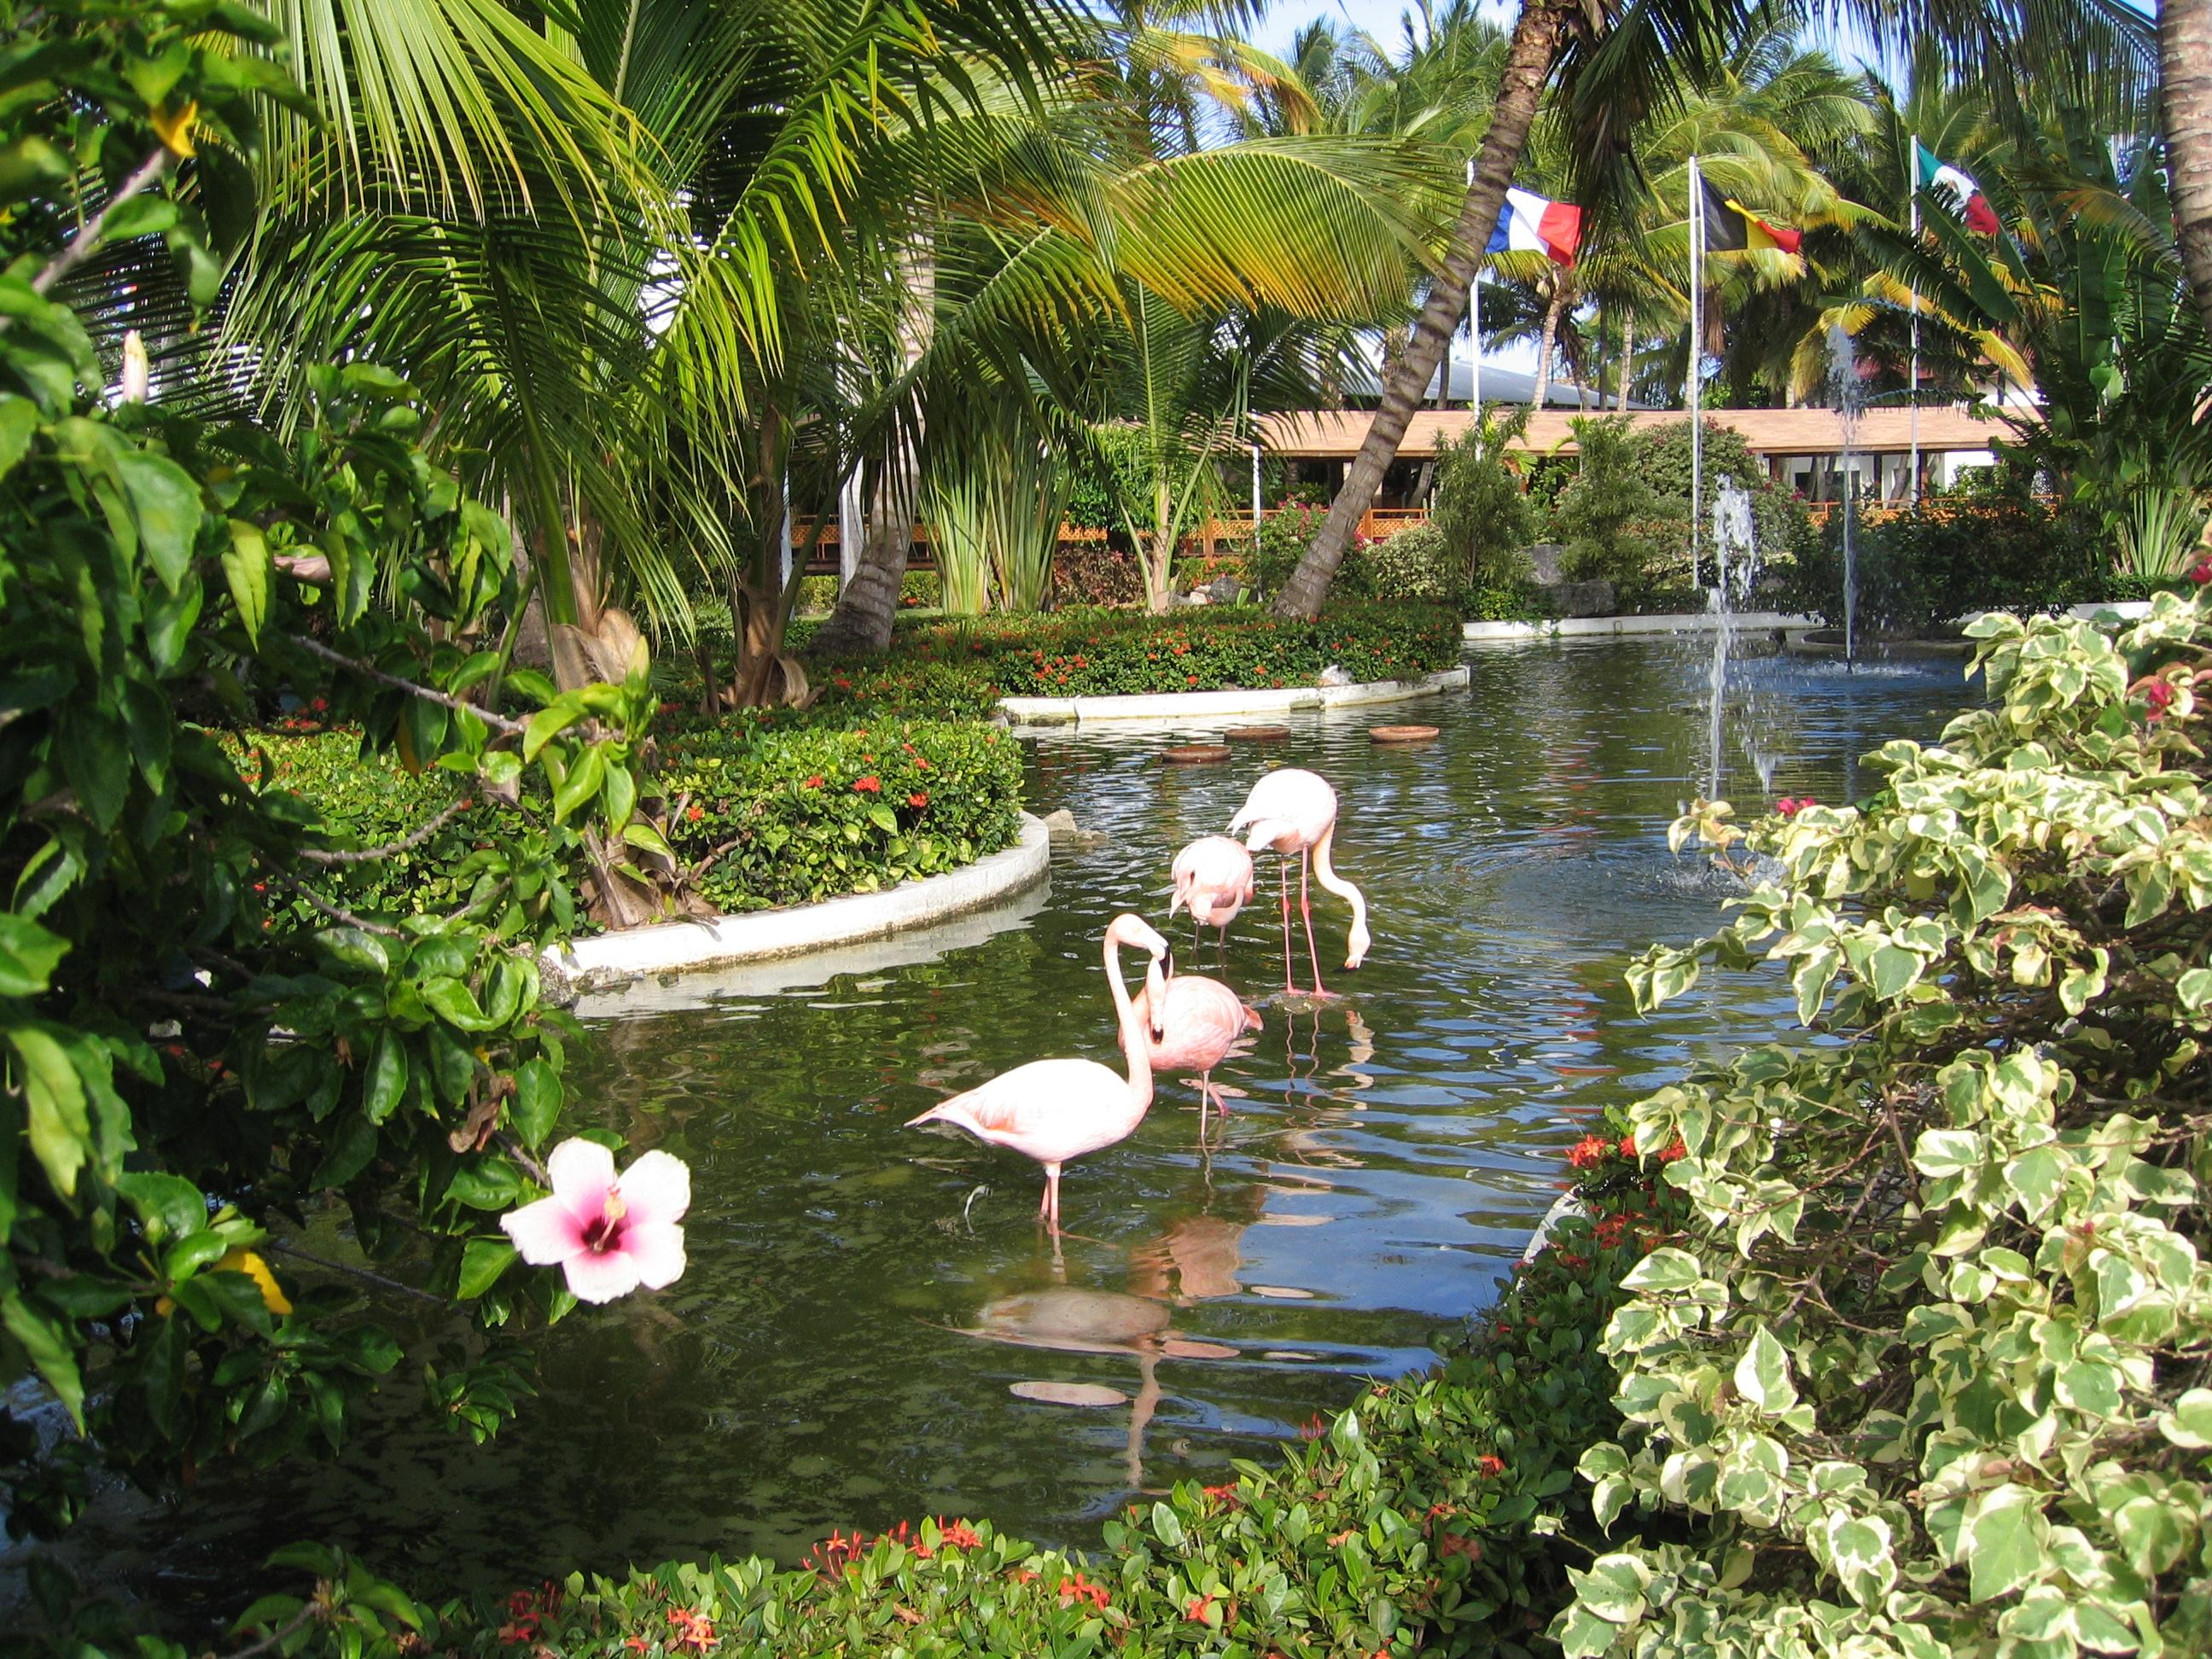 Grand Palladium Bavaro Suites Resort Spa Borrach Ef Bf Bdn Rep Ef Bf Bdblica Dominicana